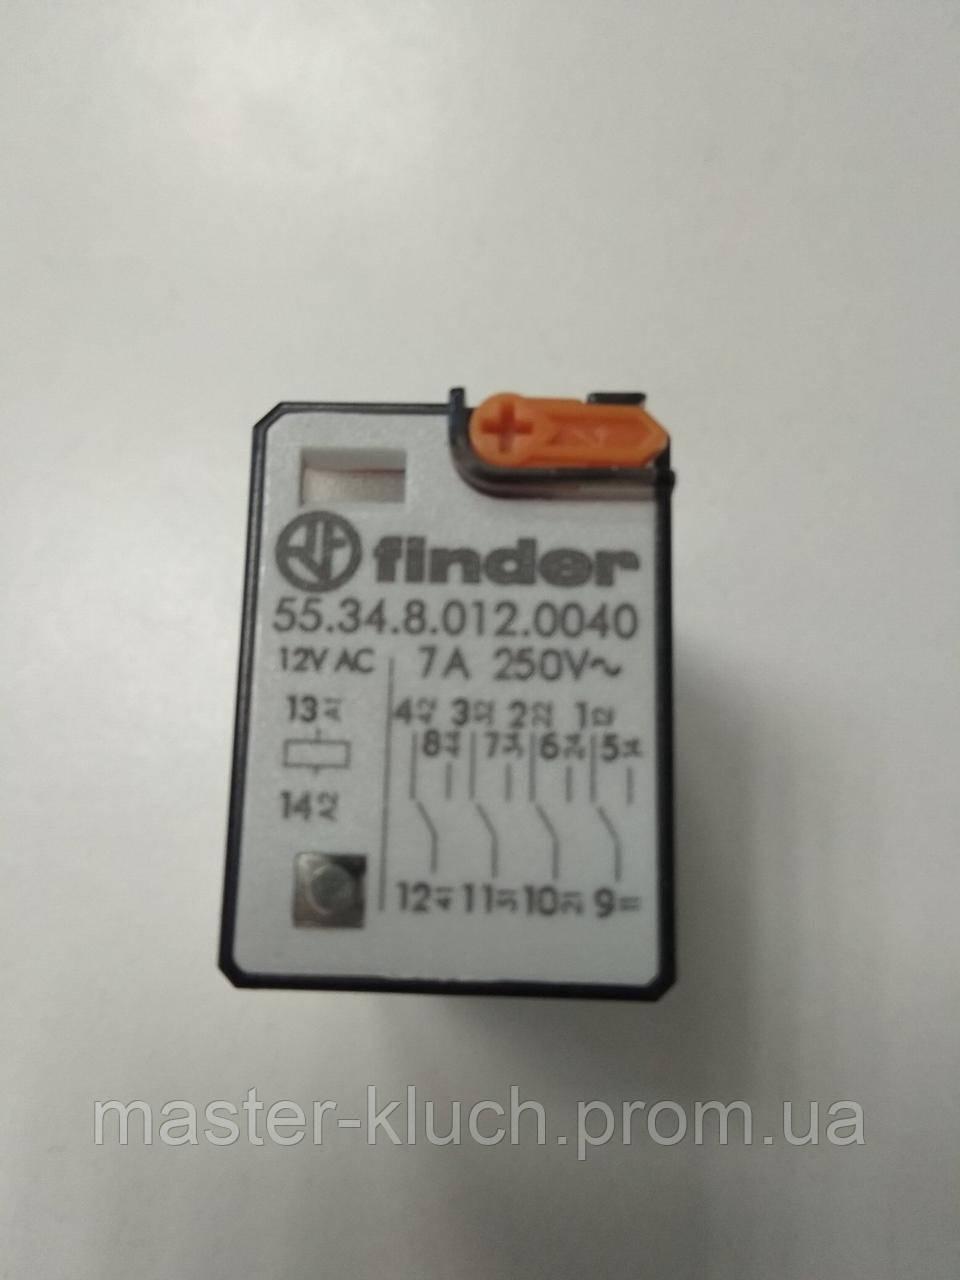 Реле миниатюрное универсальное Finder 55.34.8.012.0040